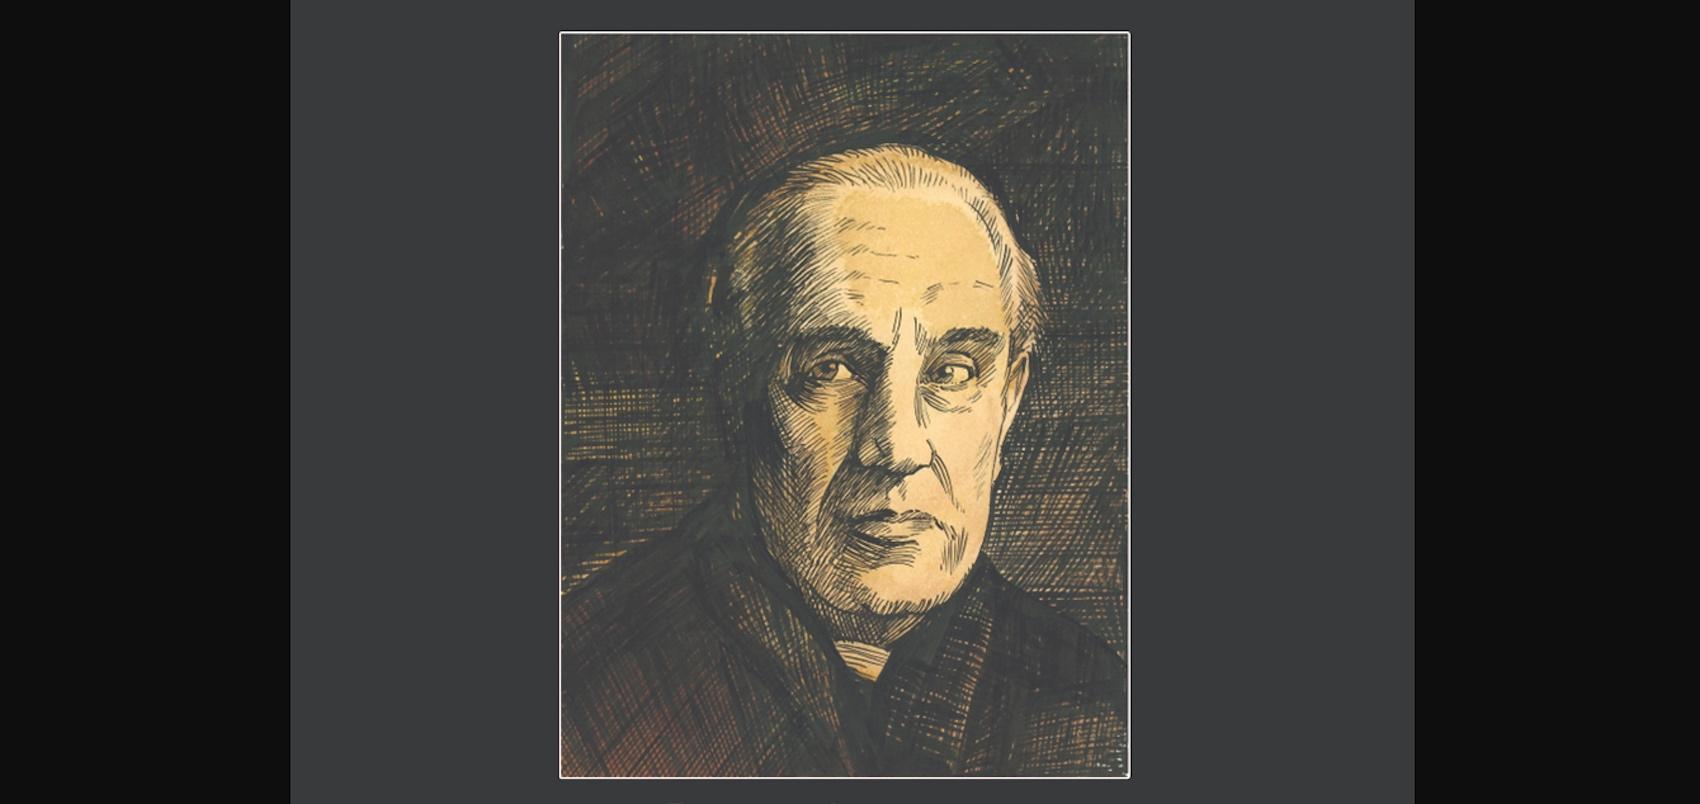 Julius Evola, histoire d'un ésotériste d'extrême droite